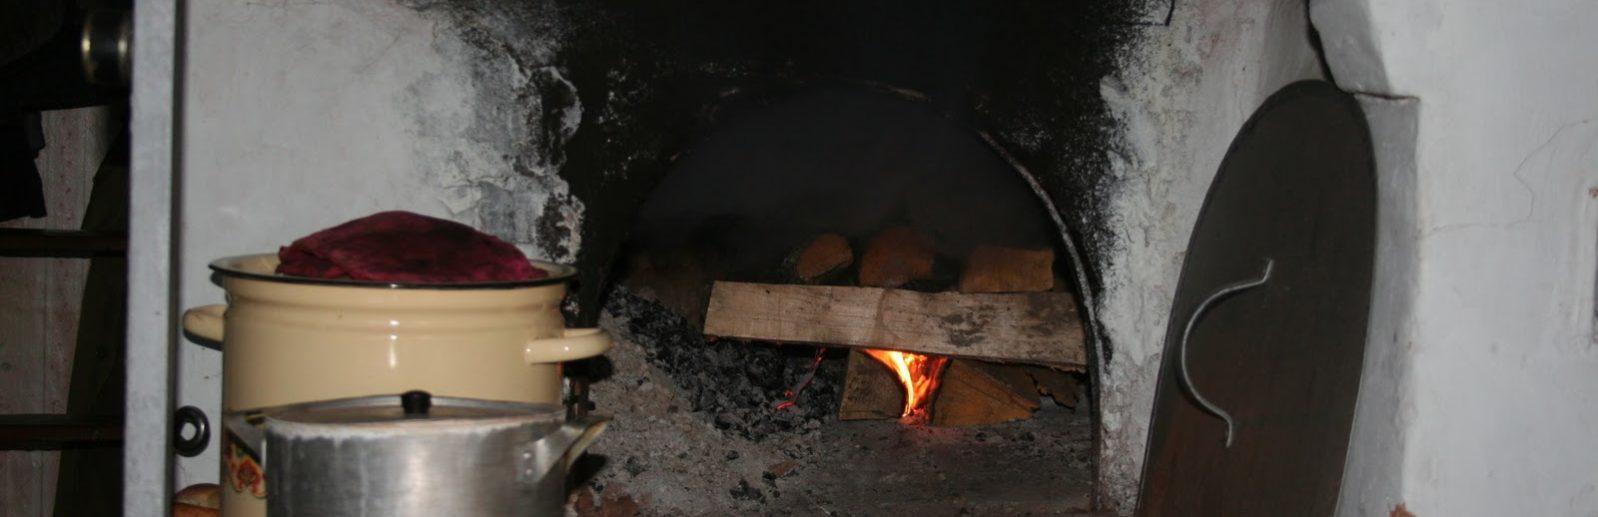 печька в крыму